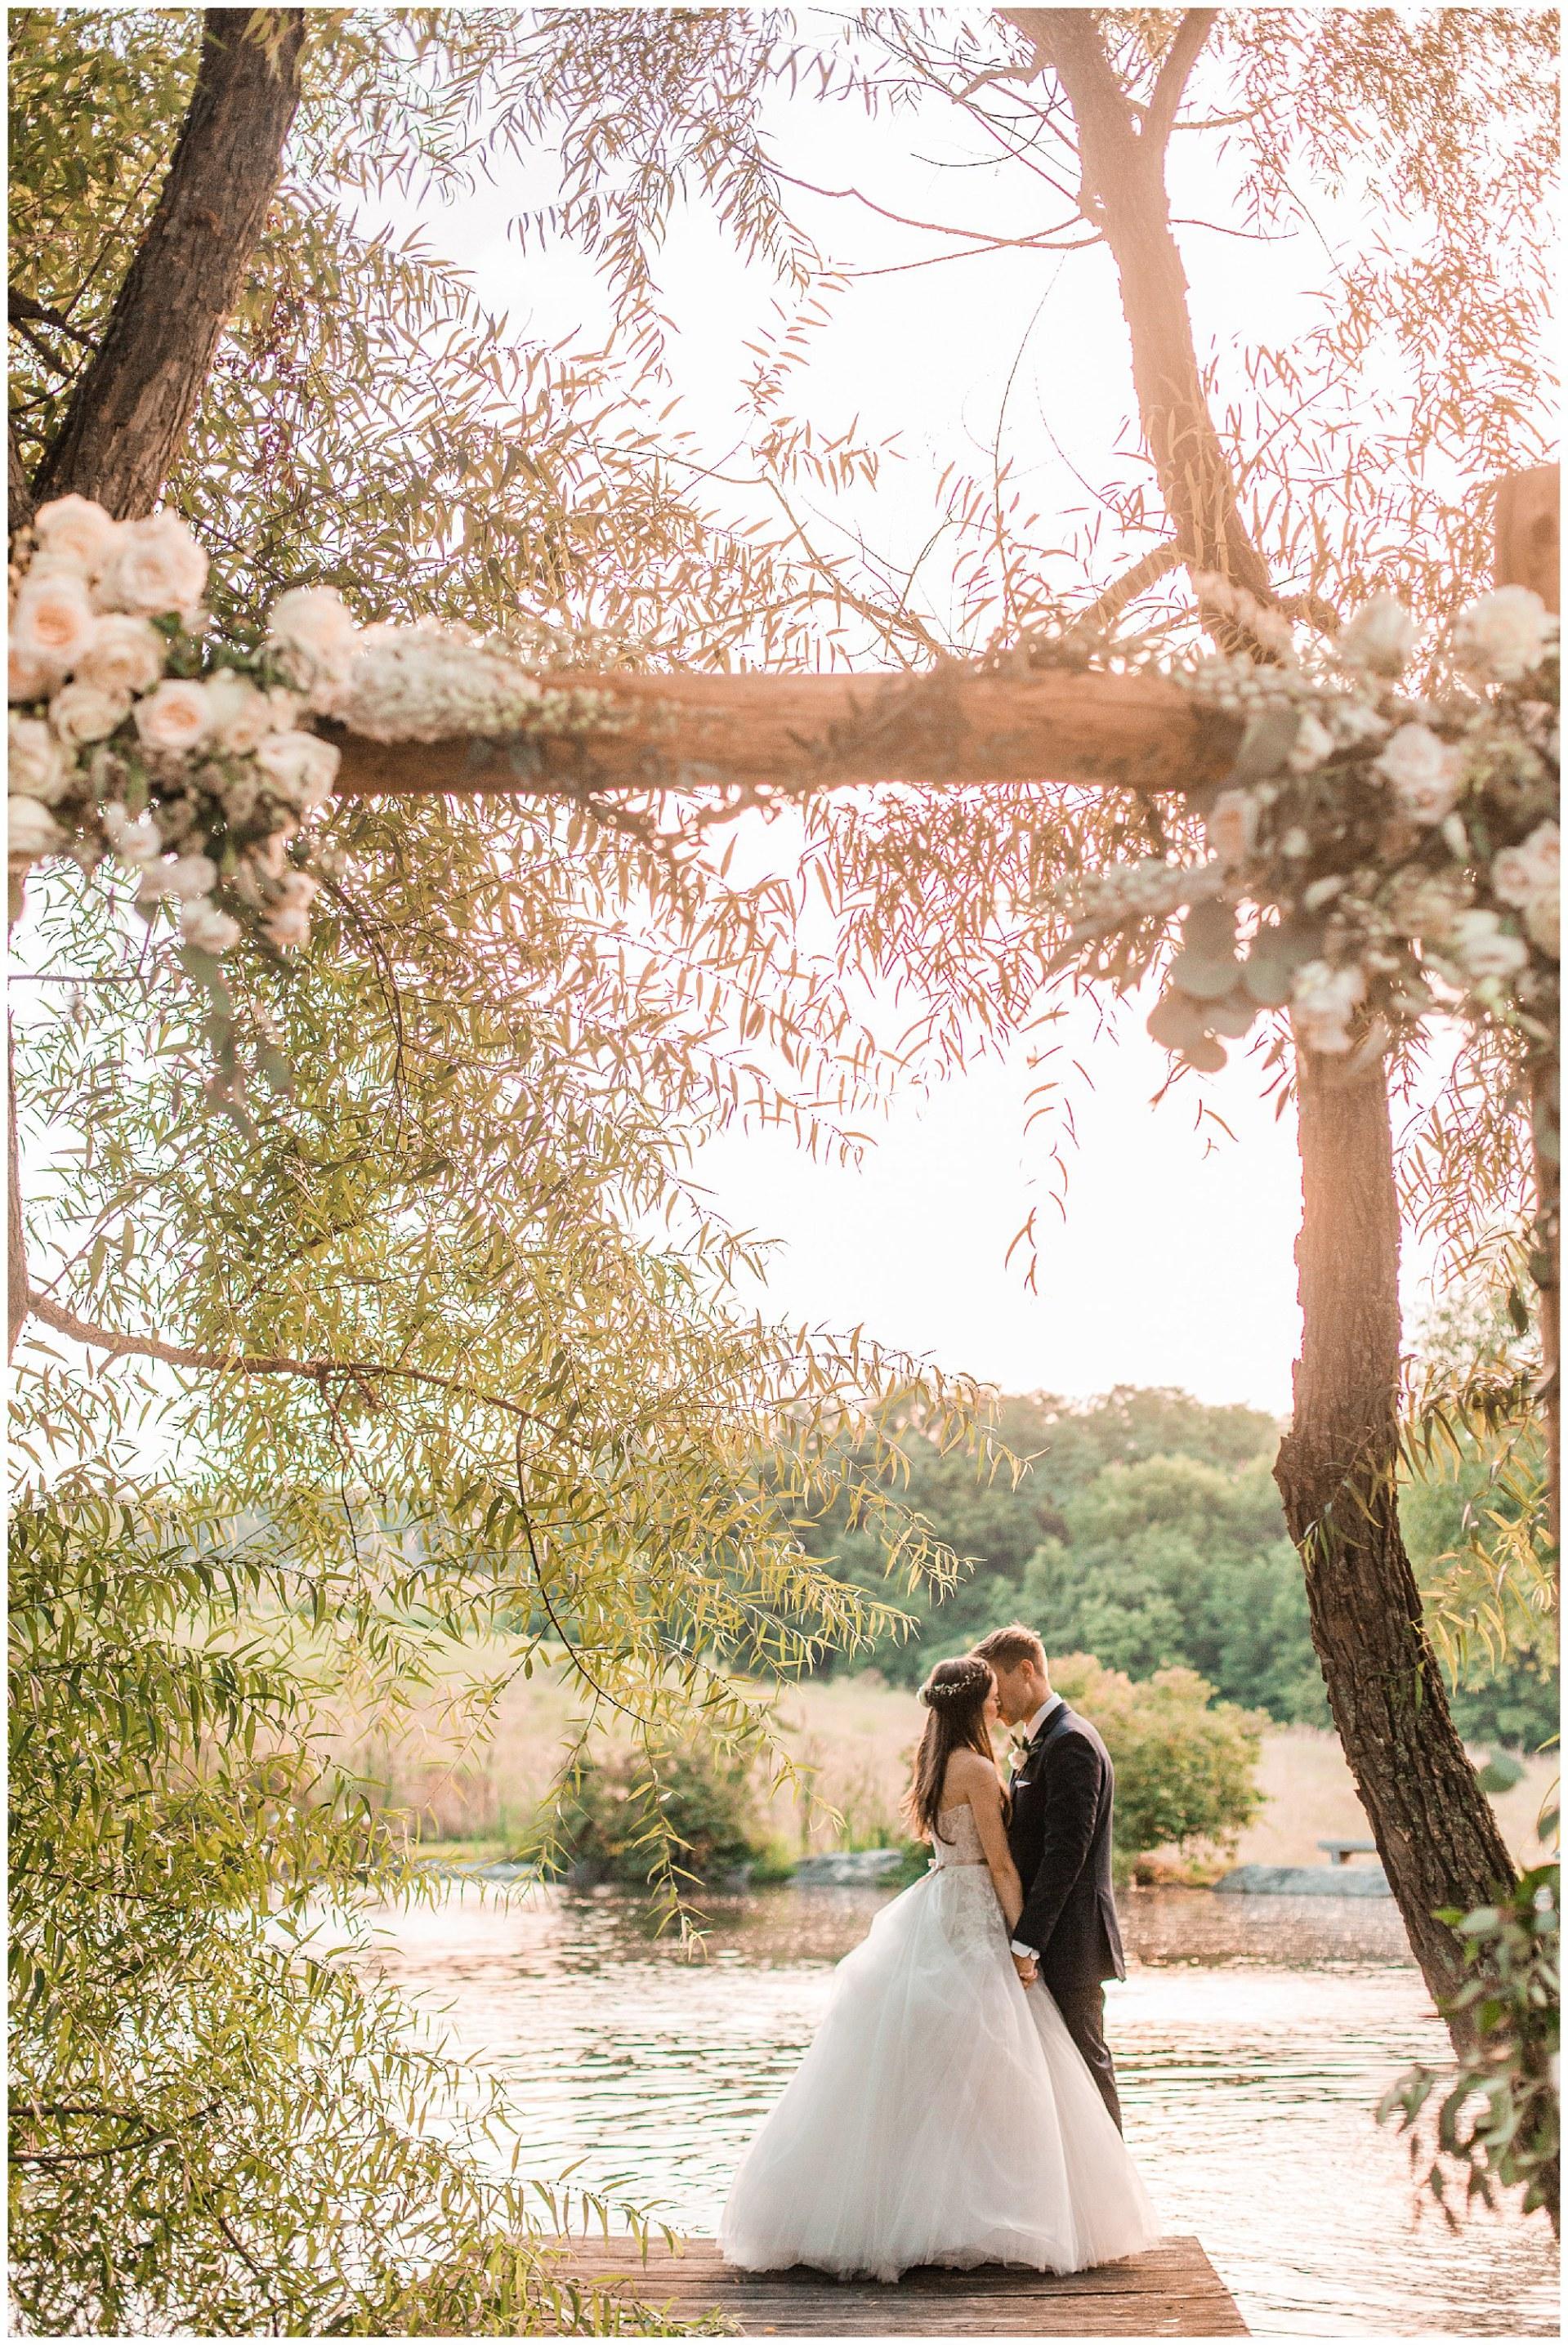 Jesse-Sarahs-Navy-Lavender-Farm-Wedding-at-The-Farm-At-Eagles-Ridge_0146.jpg